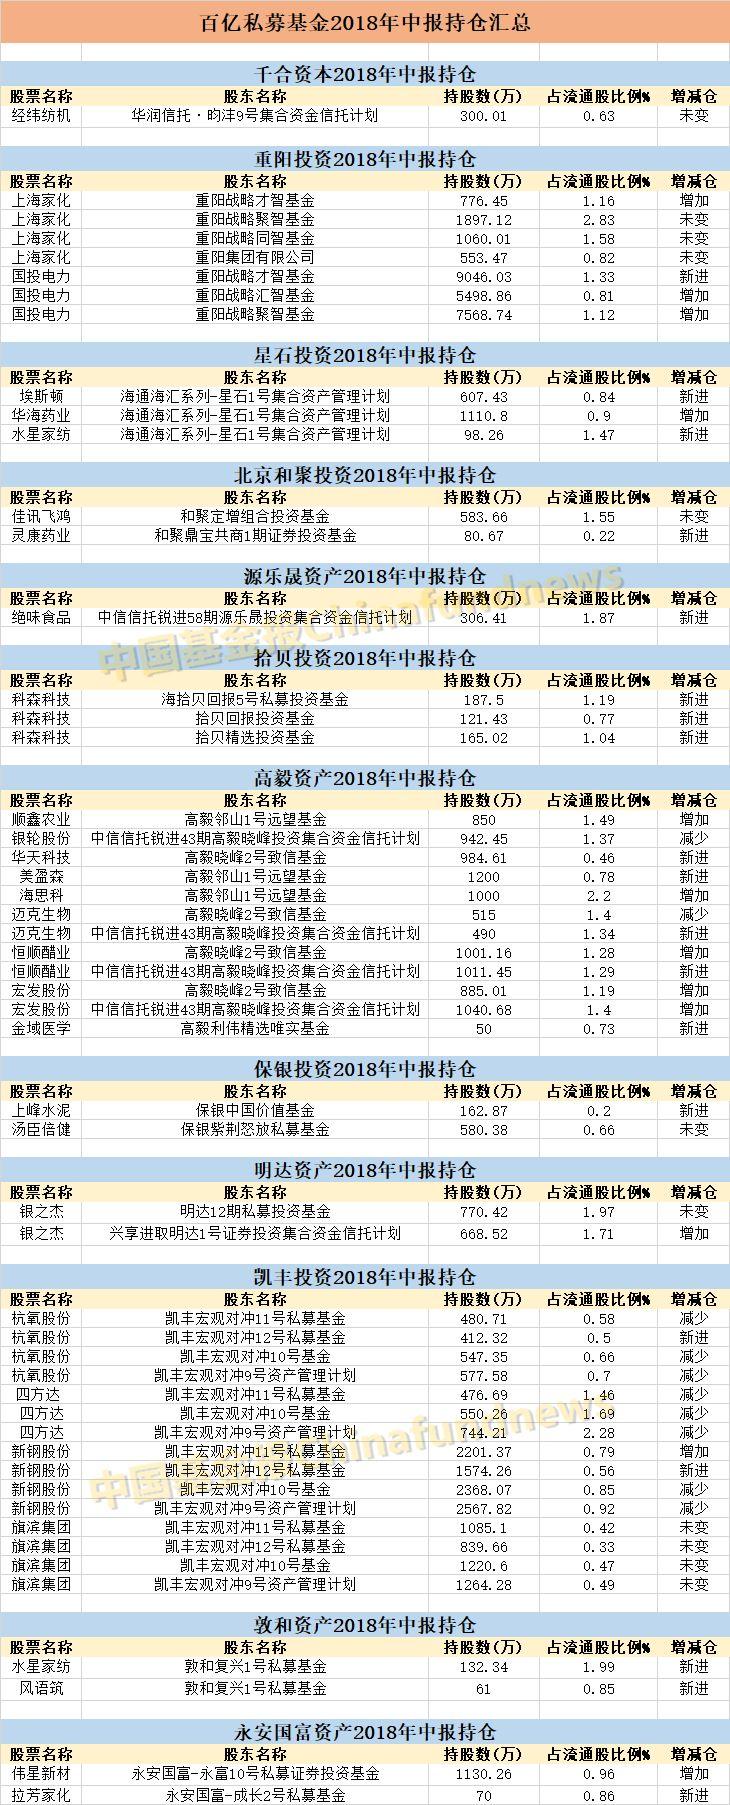 私募大佬建仓股曝光:淡水泉重阳全在(附名单)